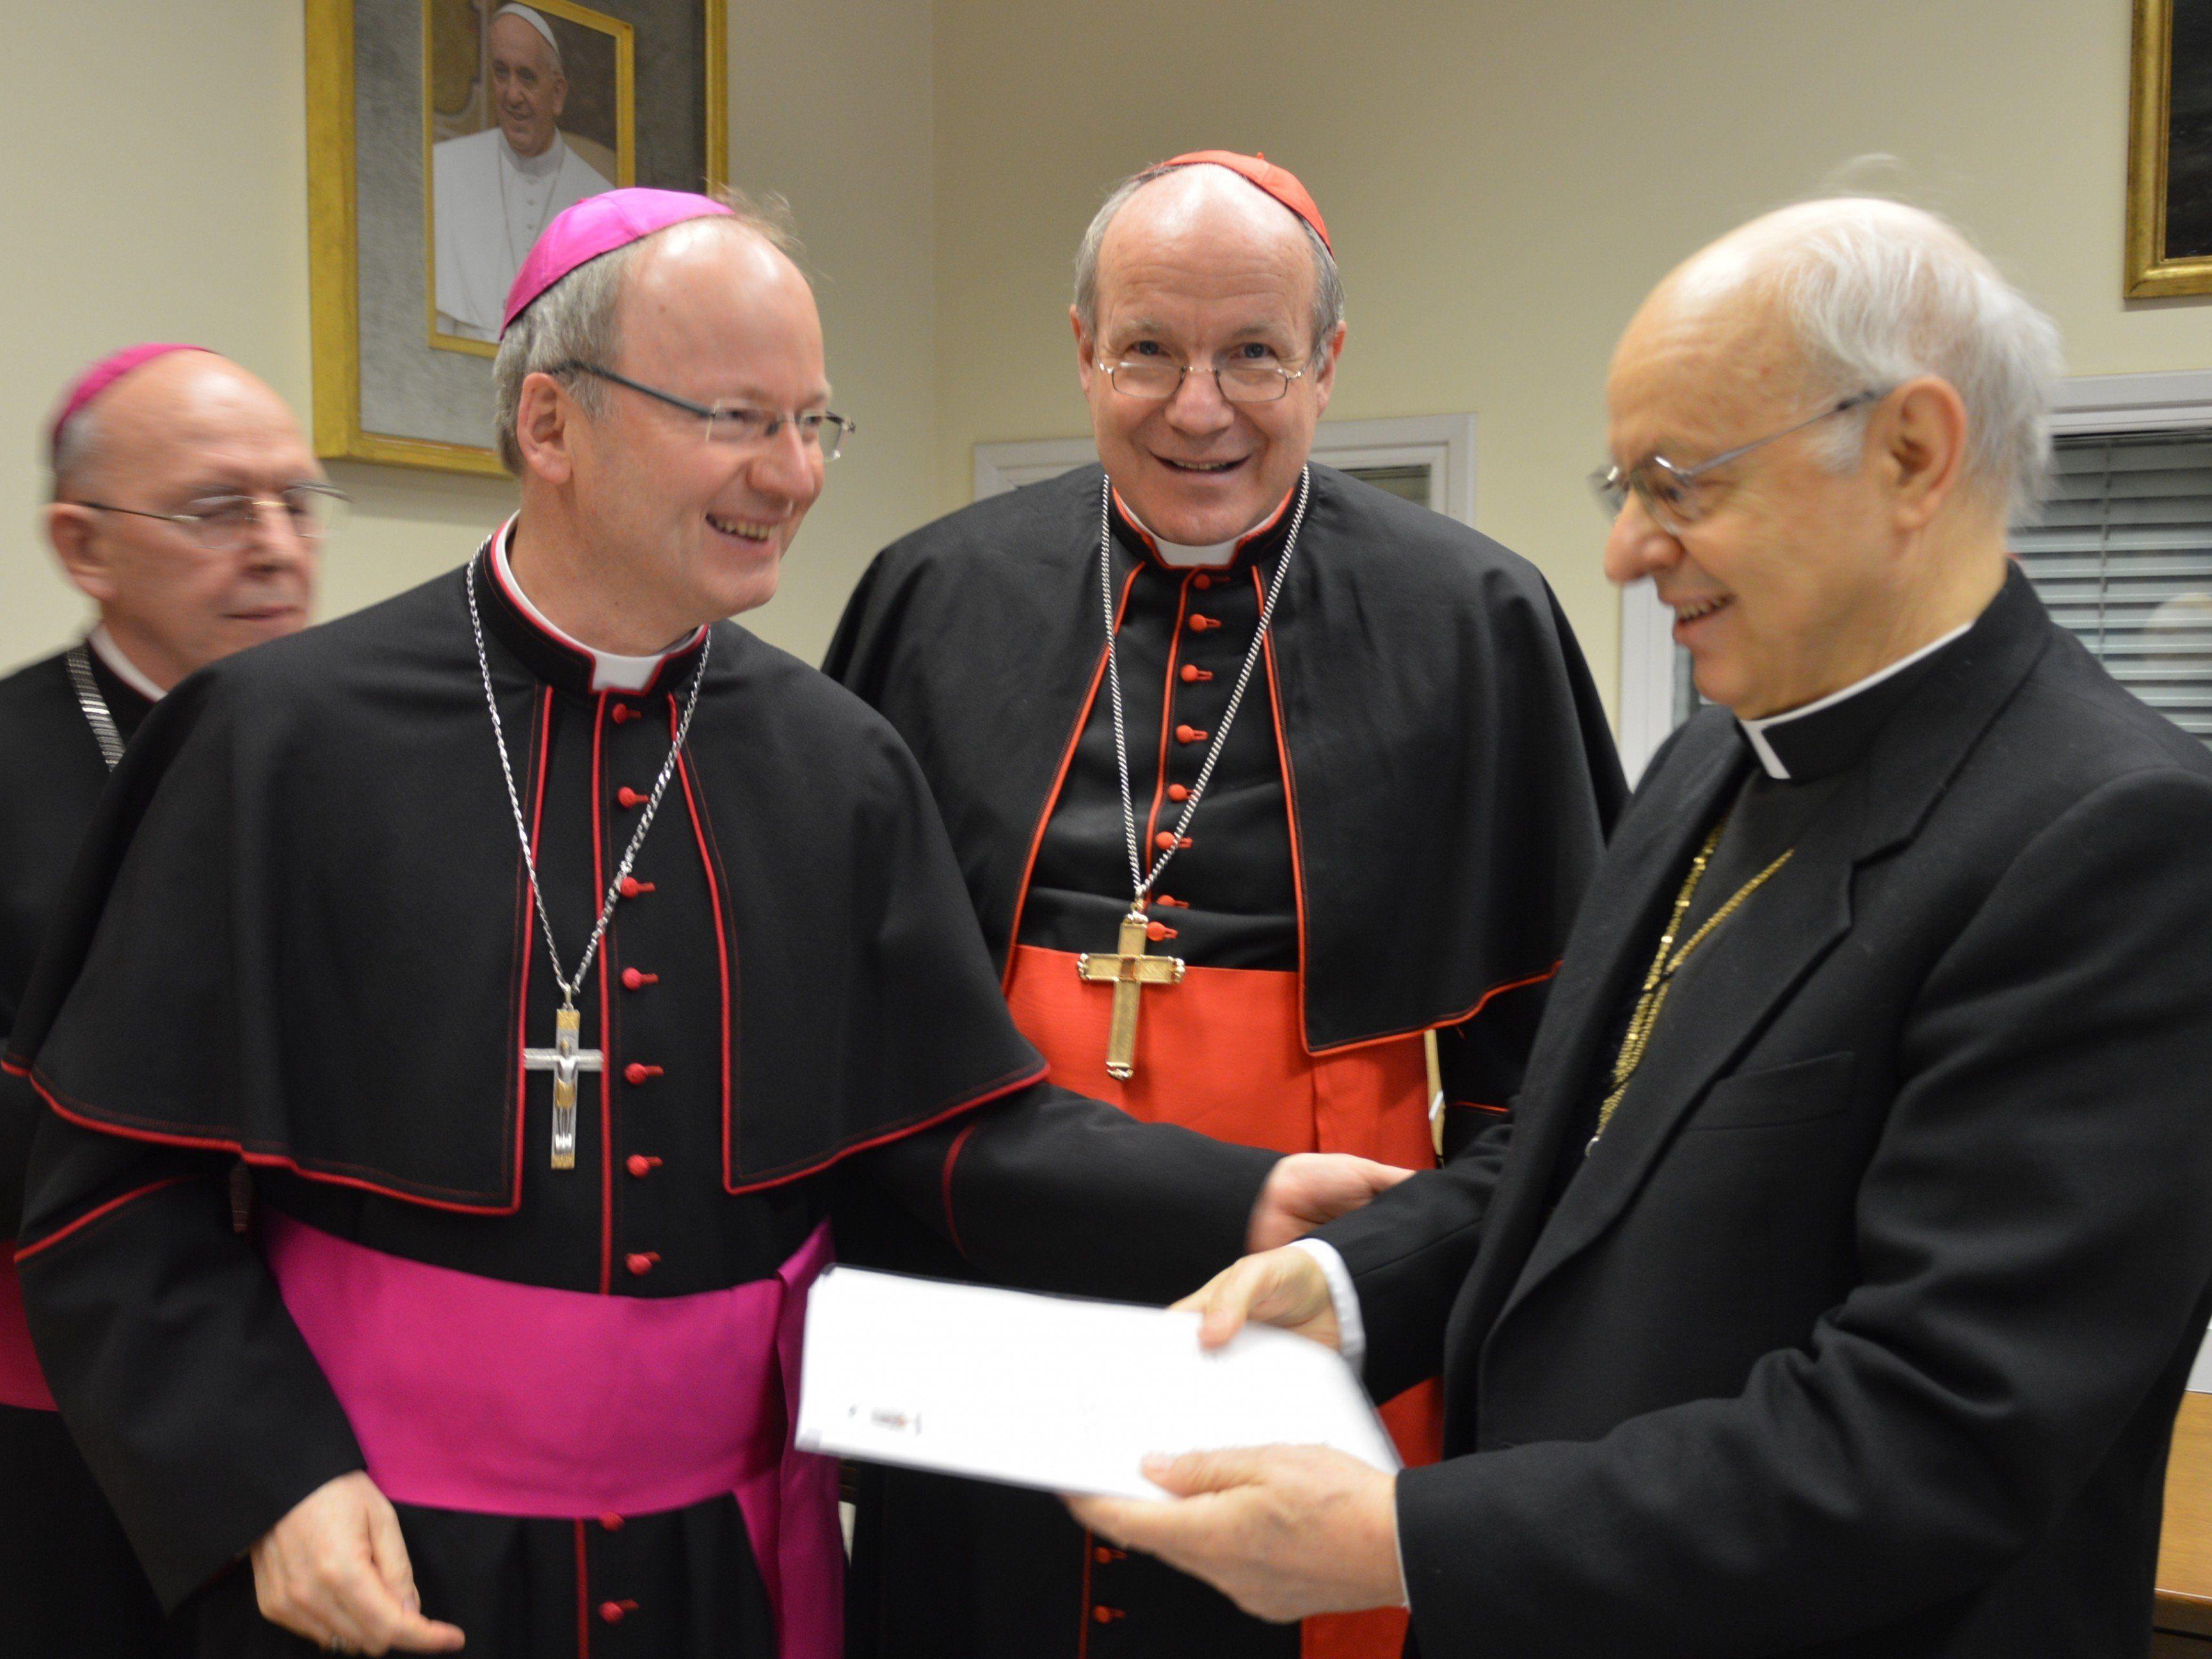 Bischofssynode Familienumfrage: Bischof Elbs, Kardinal Schönborn, Kardinal Baldisseri